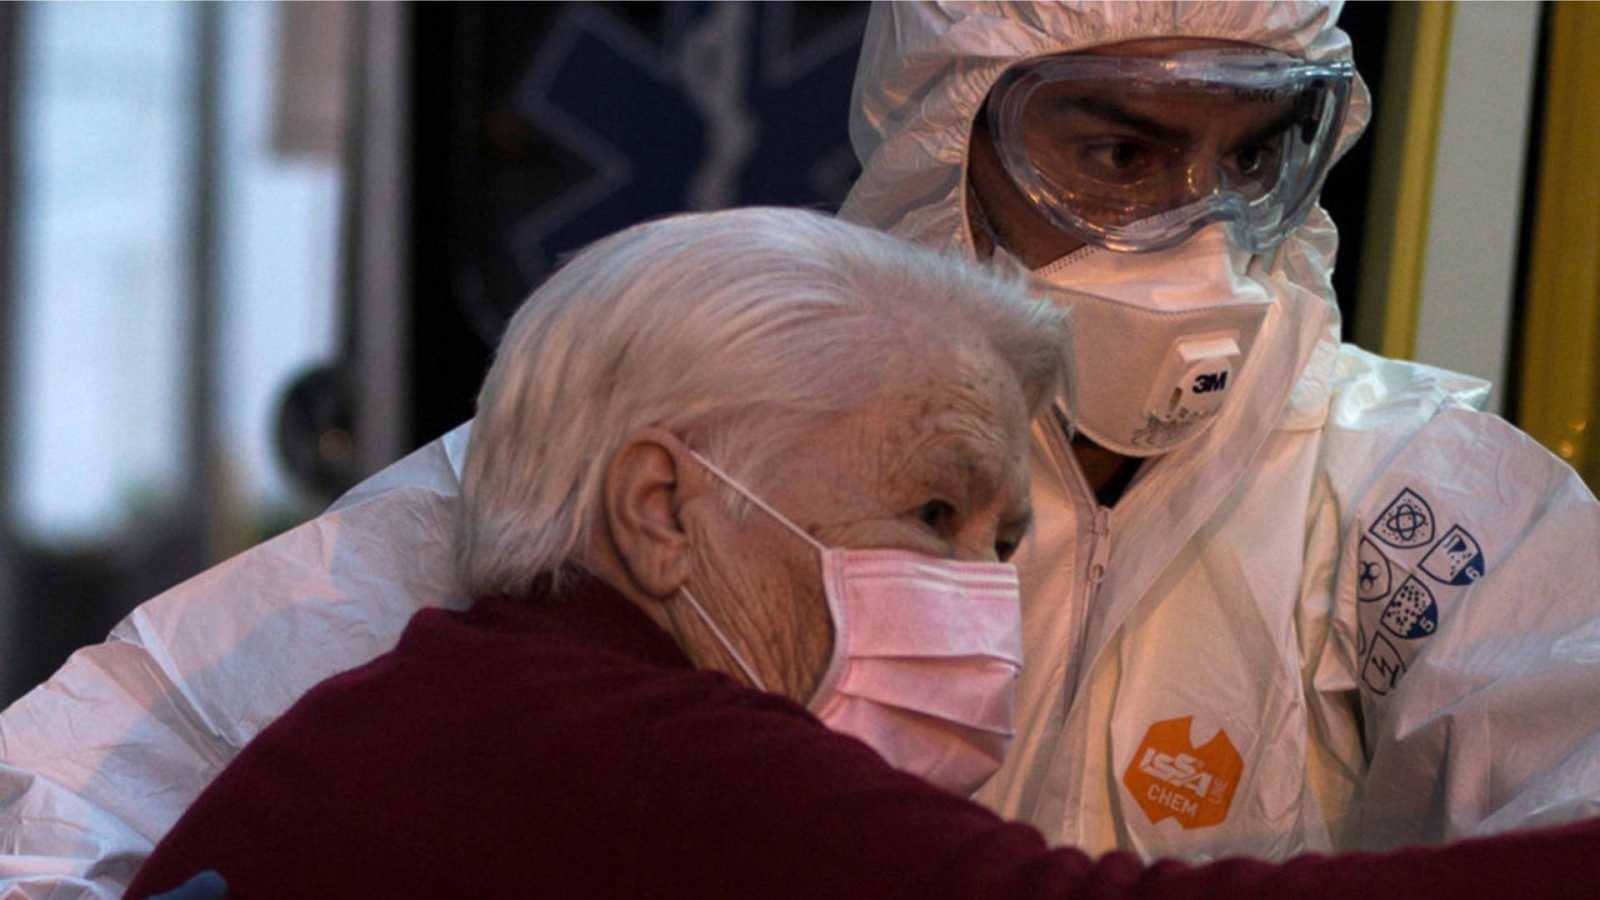 14 horas fin de semana - Familias y asociaciones denuncian las infecciones y mortandad en las residencias de mayores - Escuchar ahora